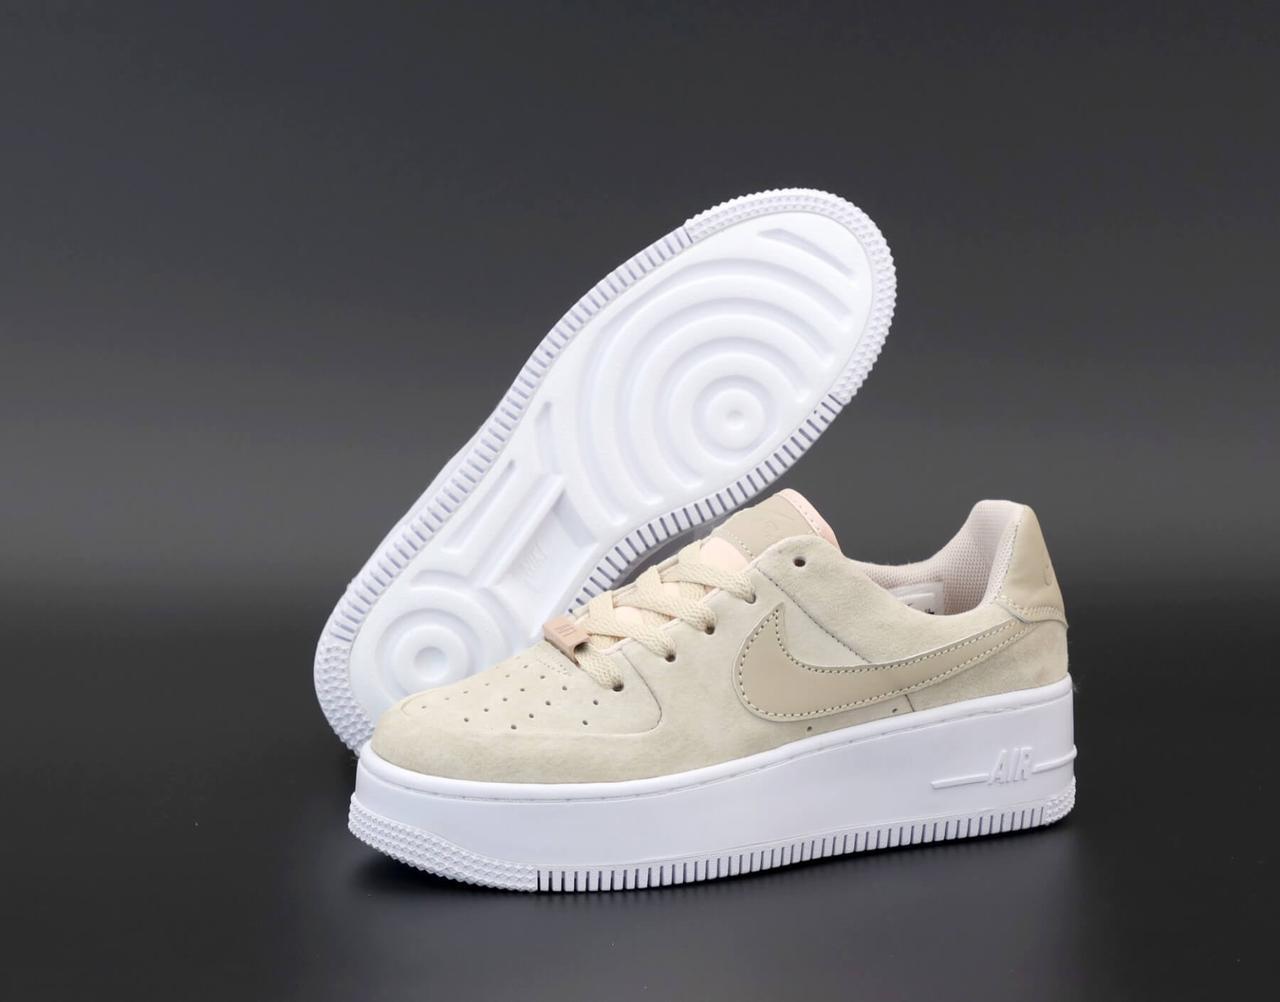 Женские кроссовки Nike Air Force 1 Low Beige Sage (Бежевые низкие кроссовки Найк Аир Форс 1 замшевые)